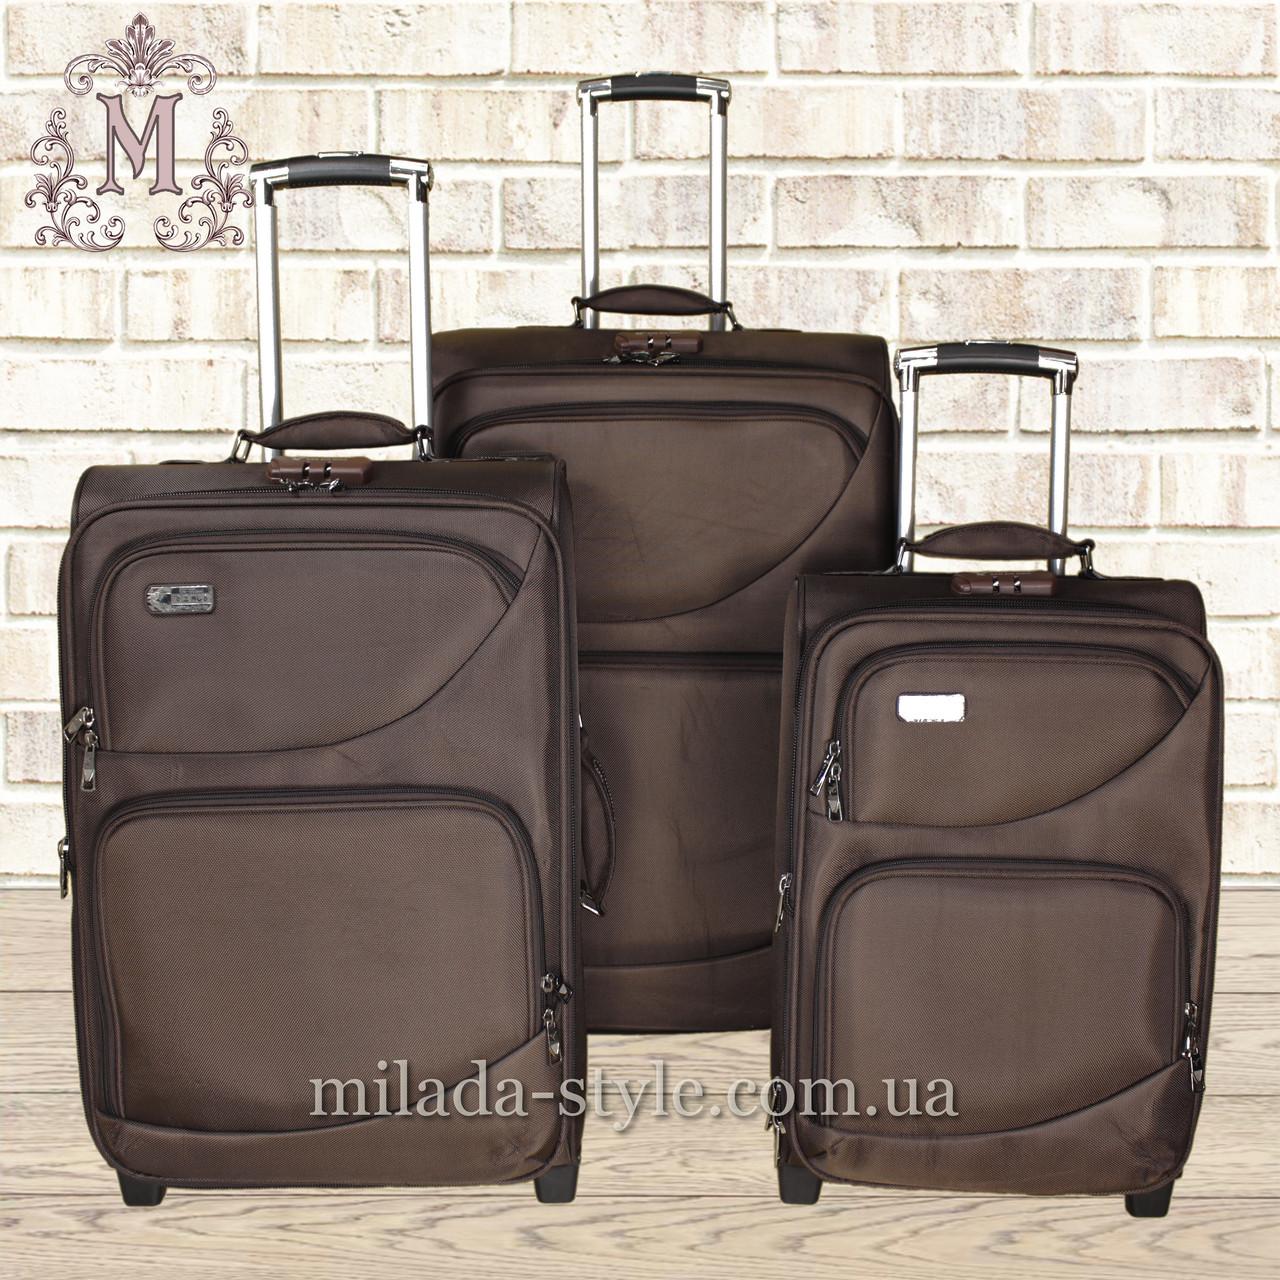 Комплект чемоданов 2-х колесных (коричневый)